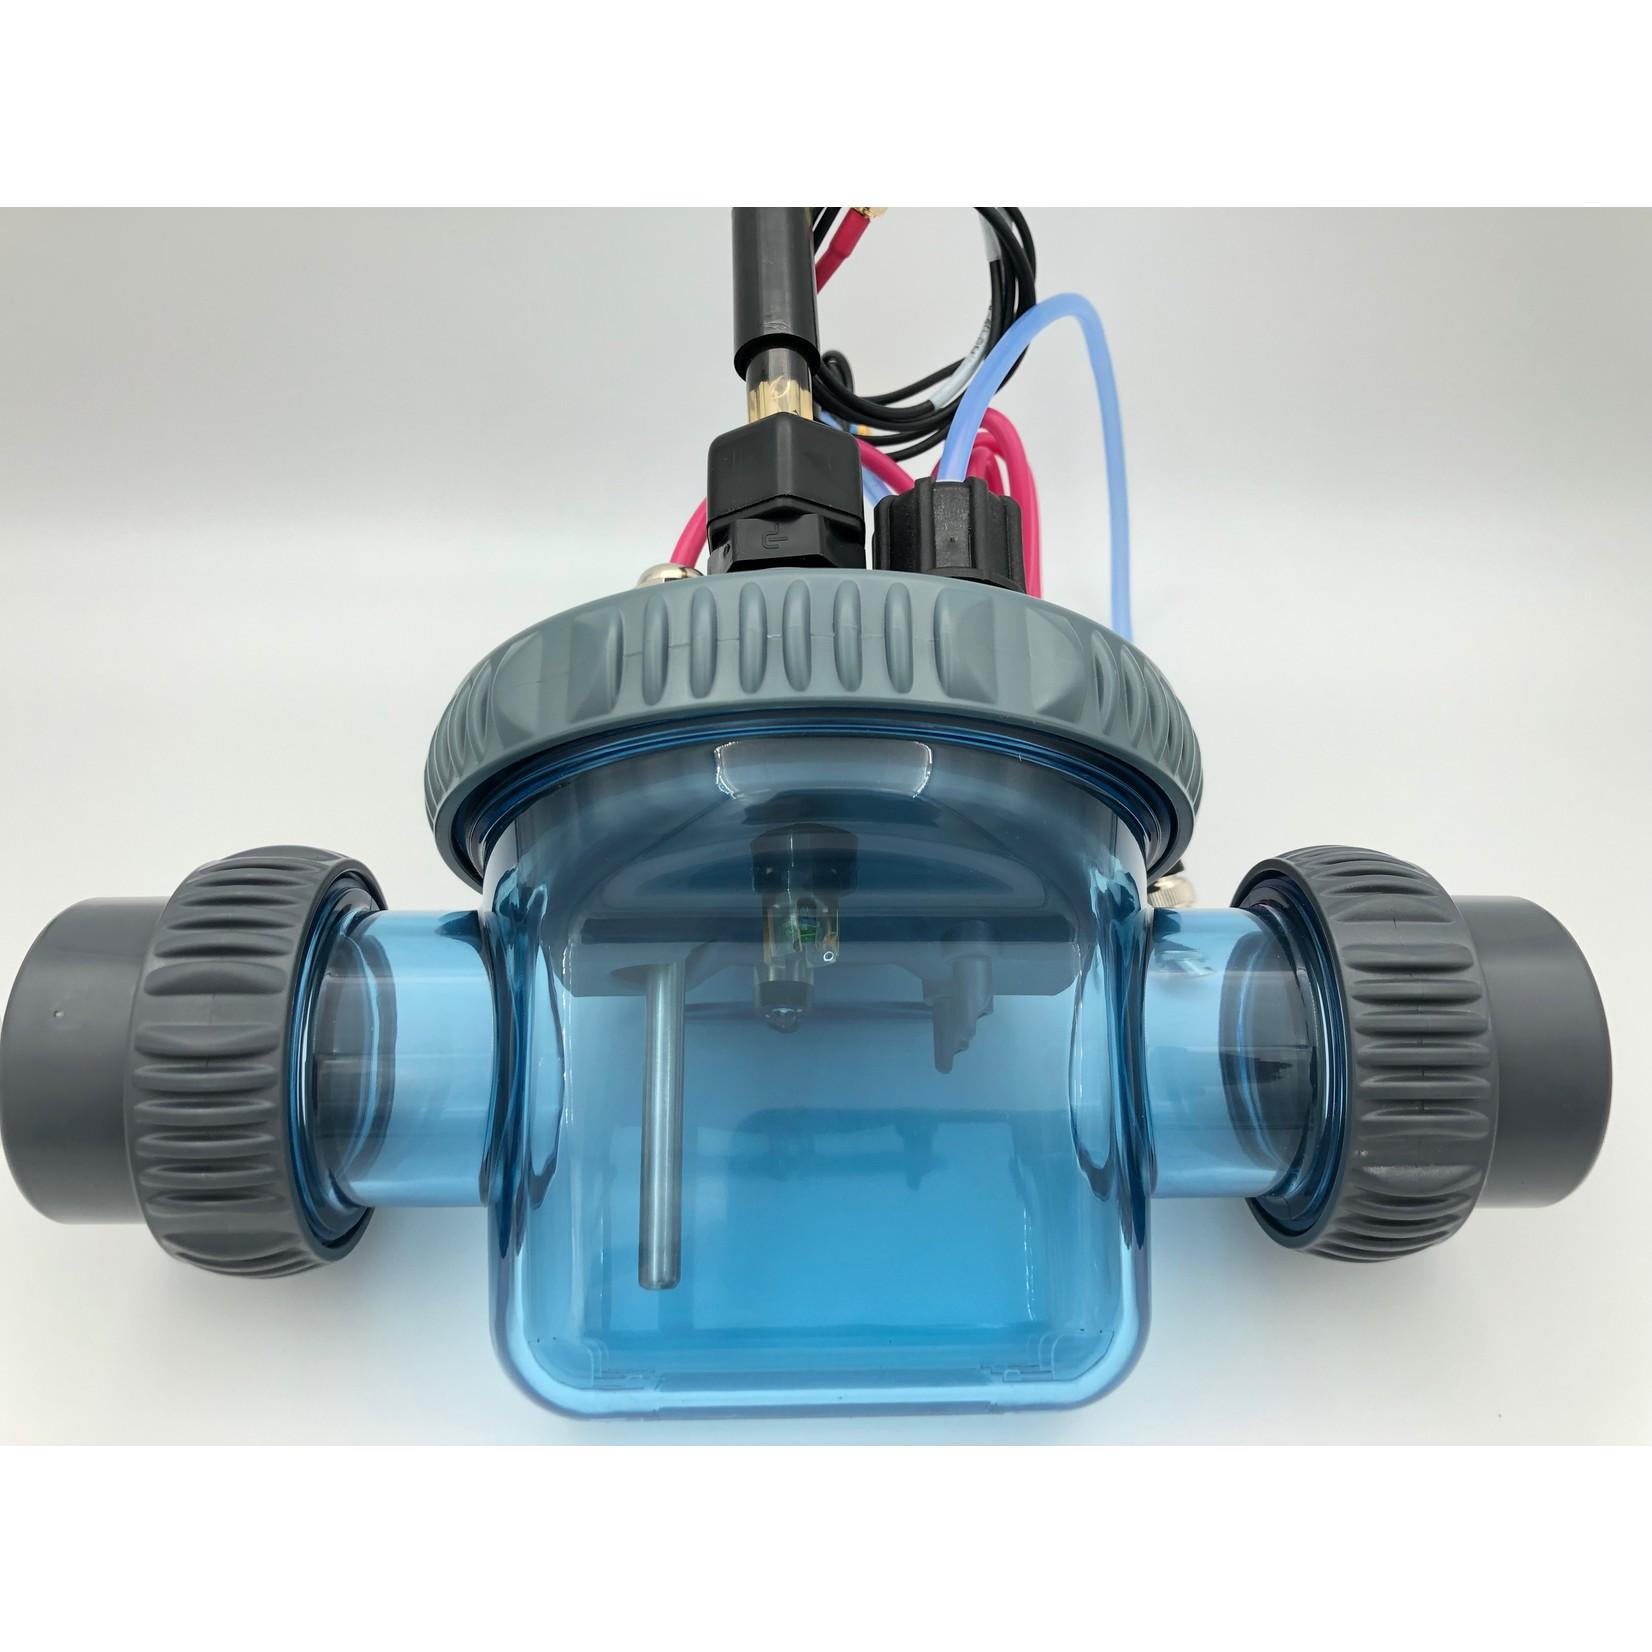 Robesol Sensor Kamer